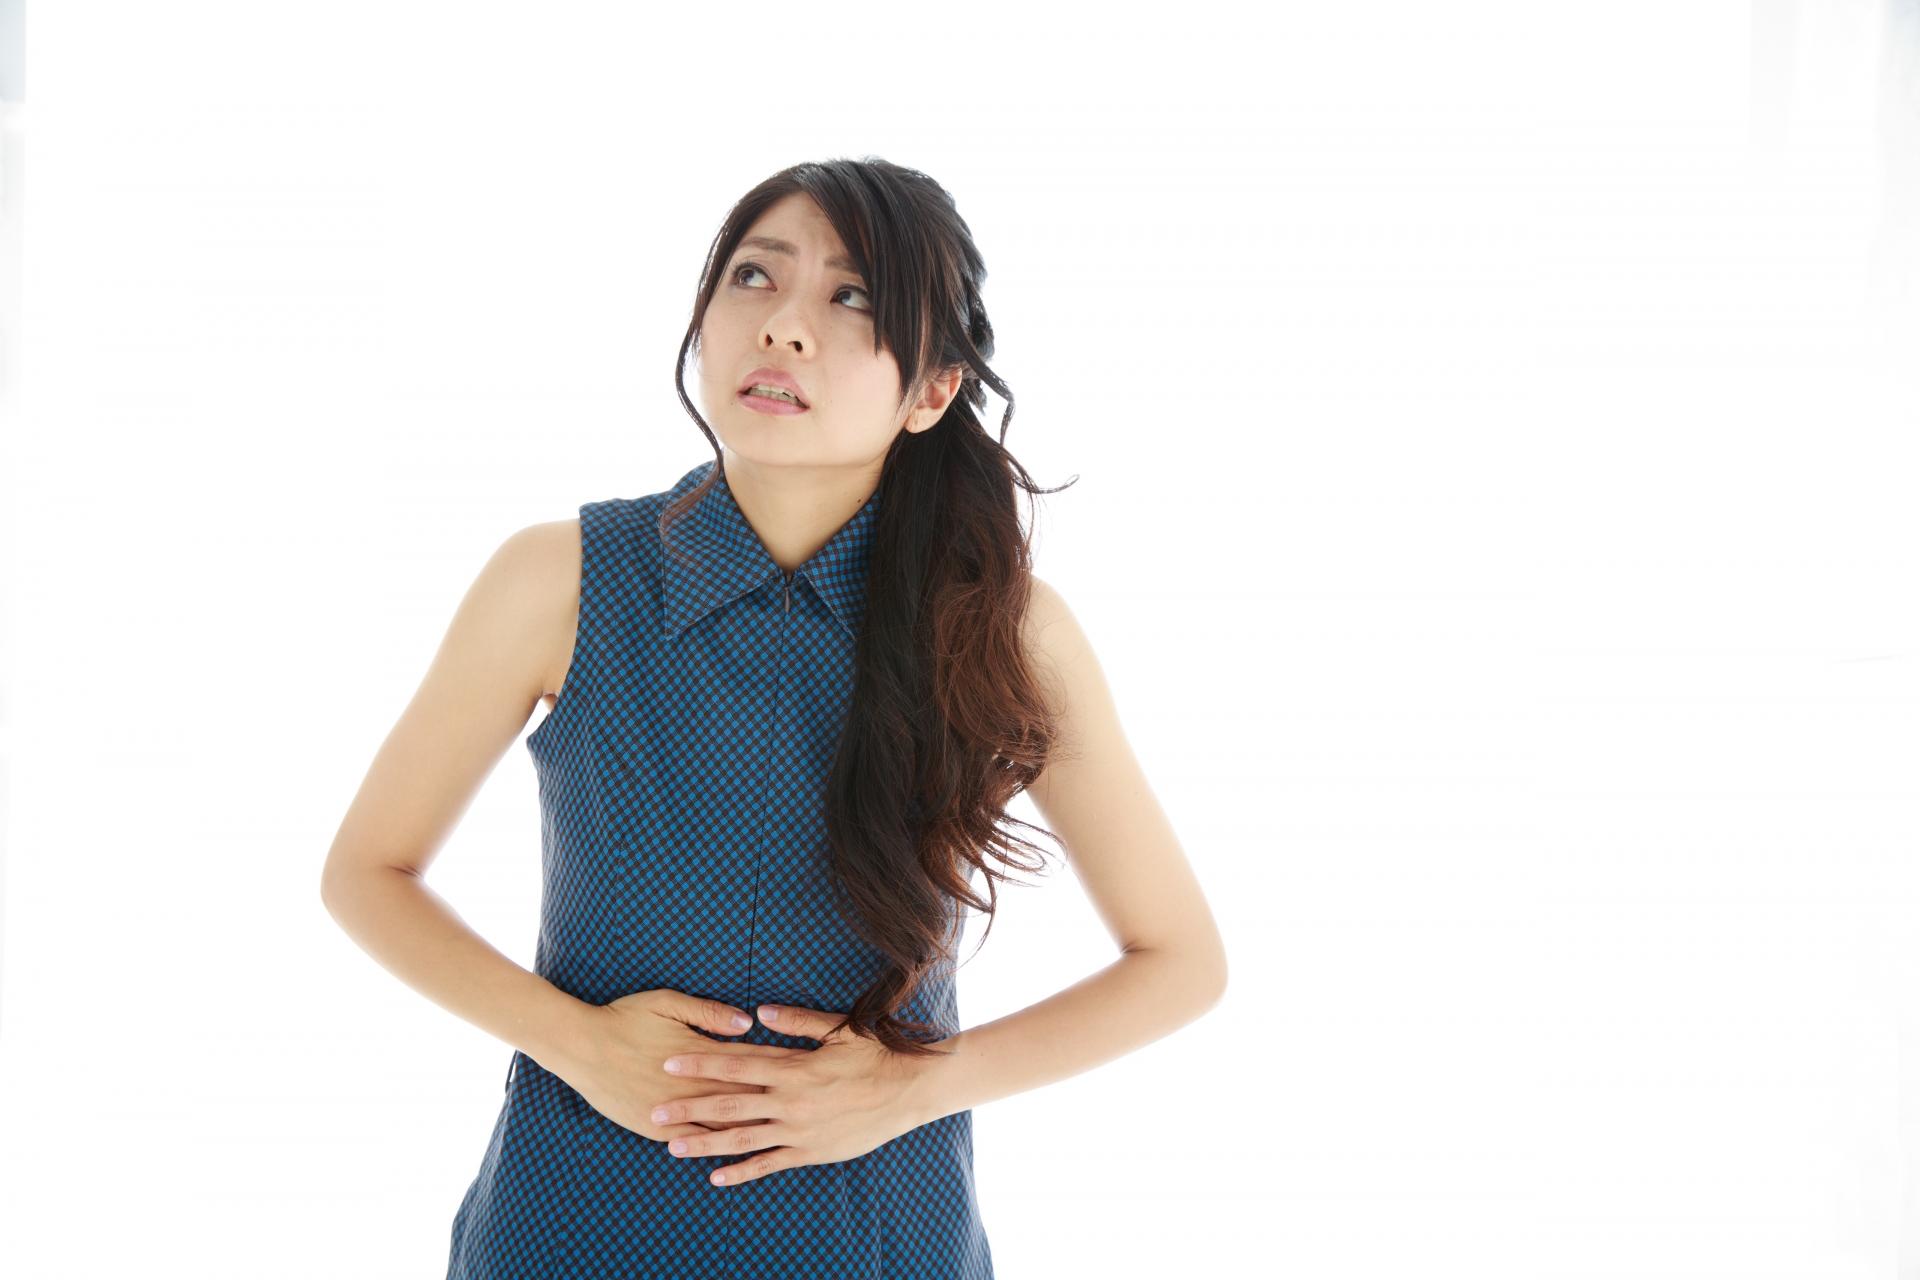 919e50ef51bc2a7555802d6121fd8cdc m 女性の卵子は胎児期に一番多い?早発閉経の原因とは?